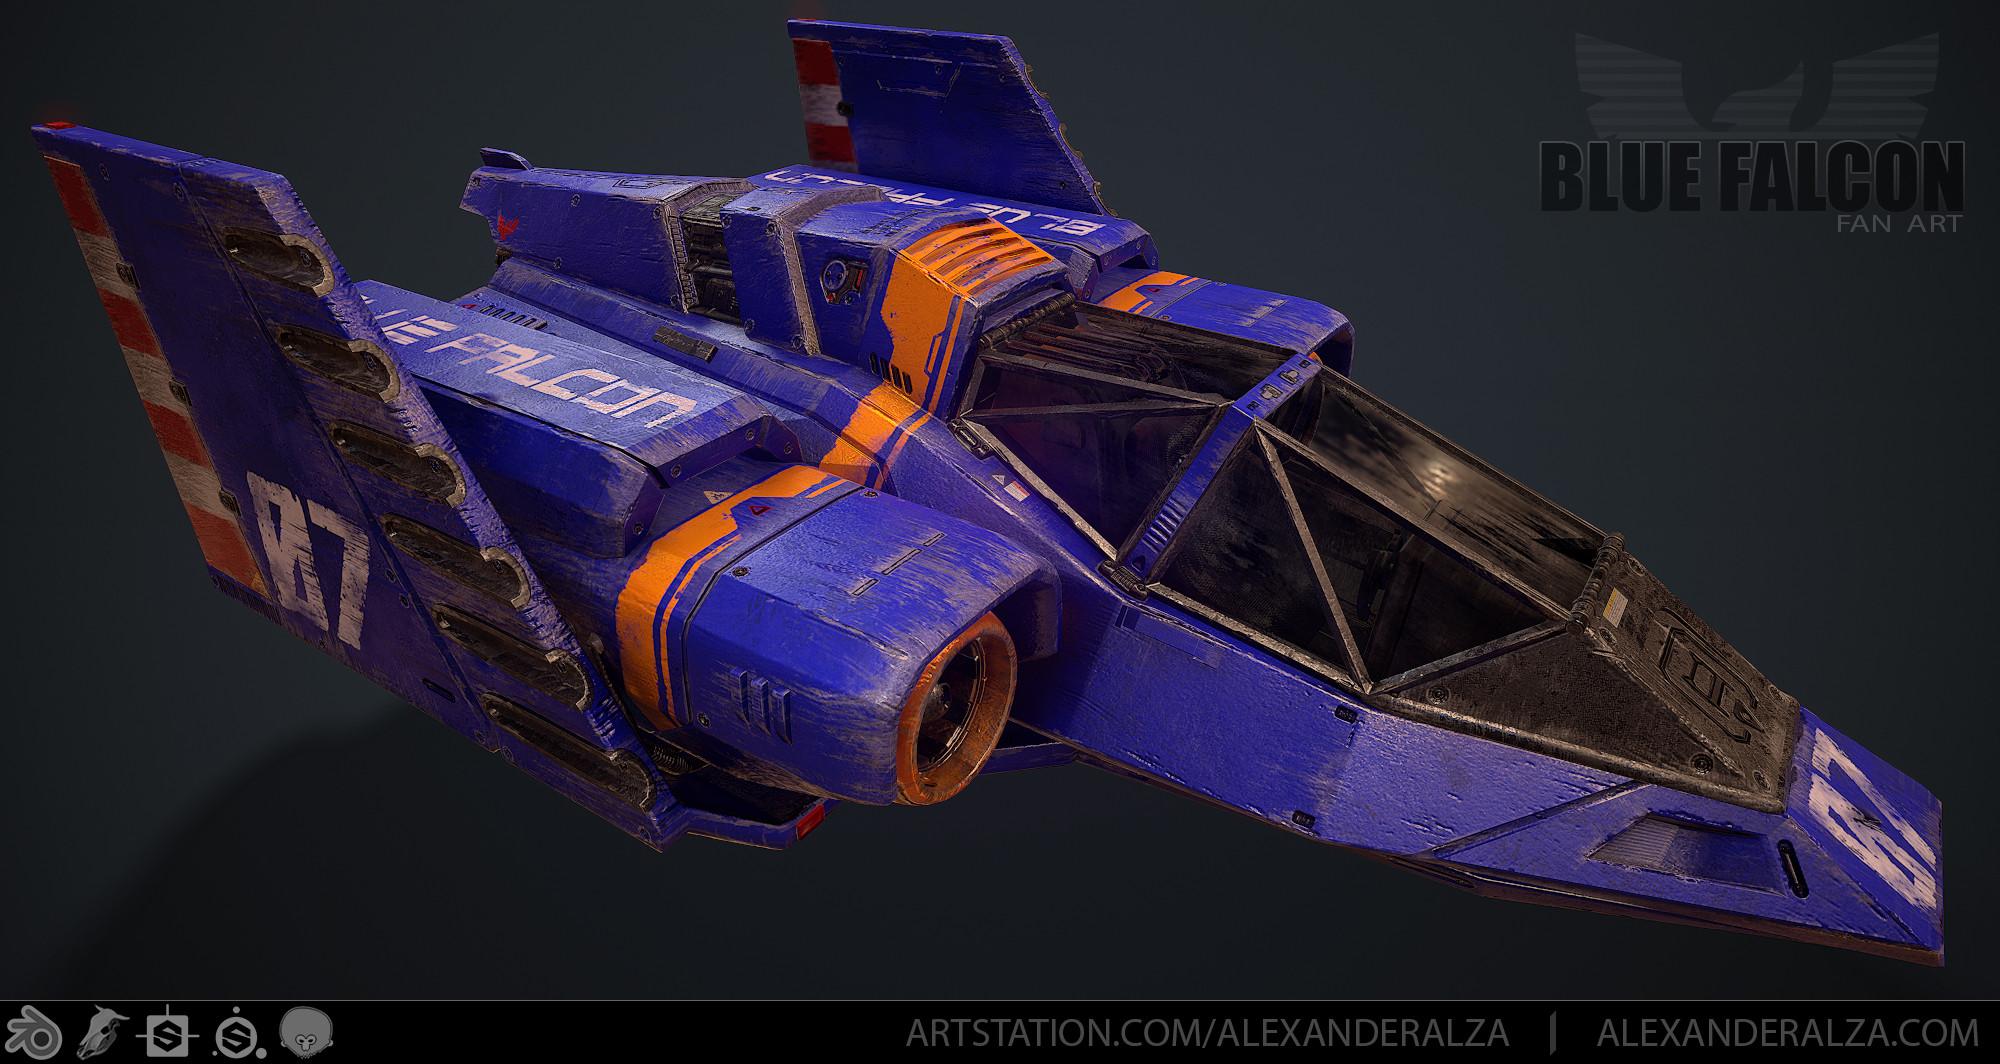 Blue Falcon 01